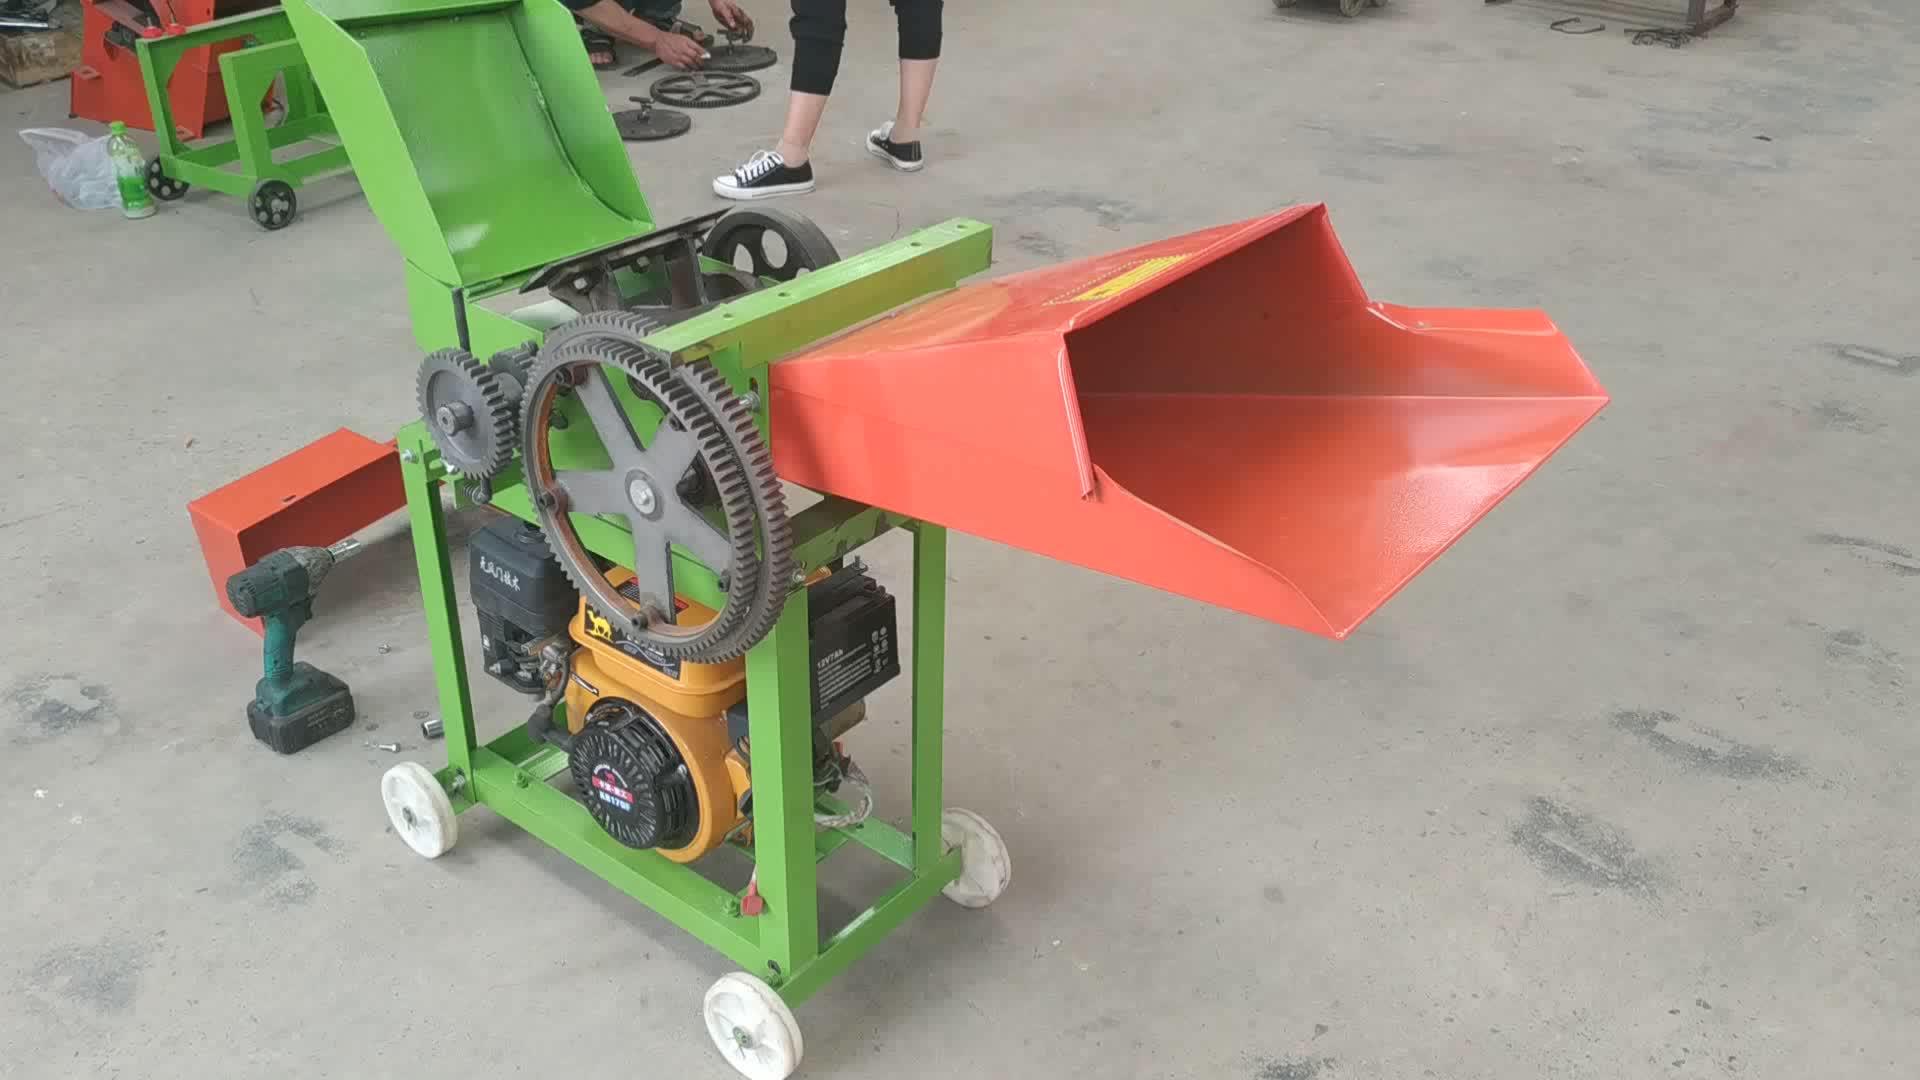 नई डिजाइन छोटे से खेत घास हेलिकॉप्टर का उपयोग मिनी सिलेज फूस कटर मशीन